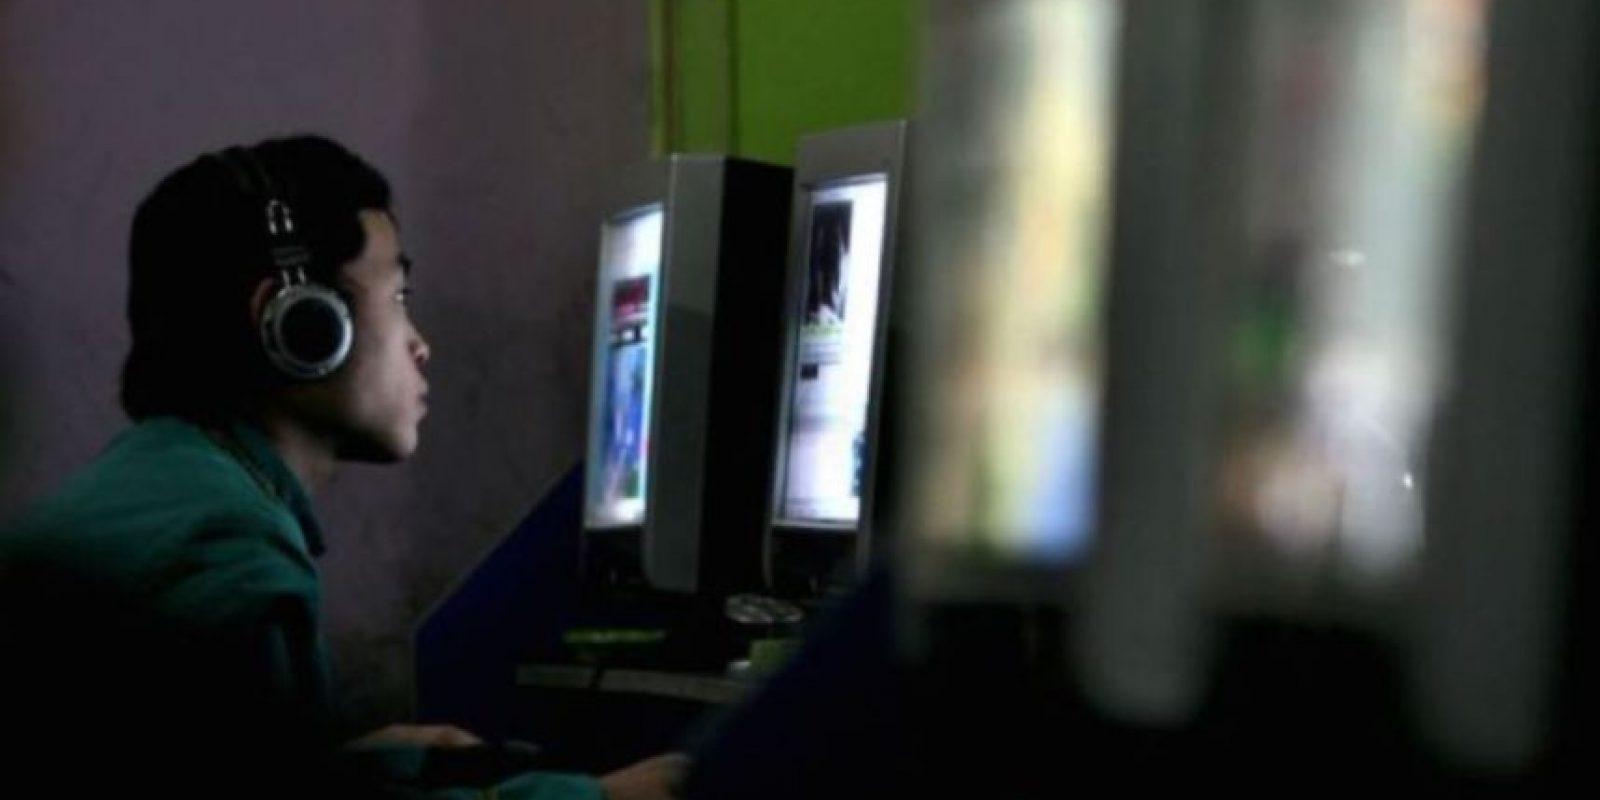 2- Frethog: Intercepta contraseñas y herramientas de supervisión, además de acosar a usuarios que realizan transacciones electrónicas. Foto:Getty Images